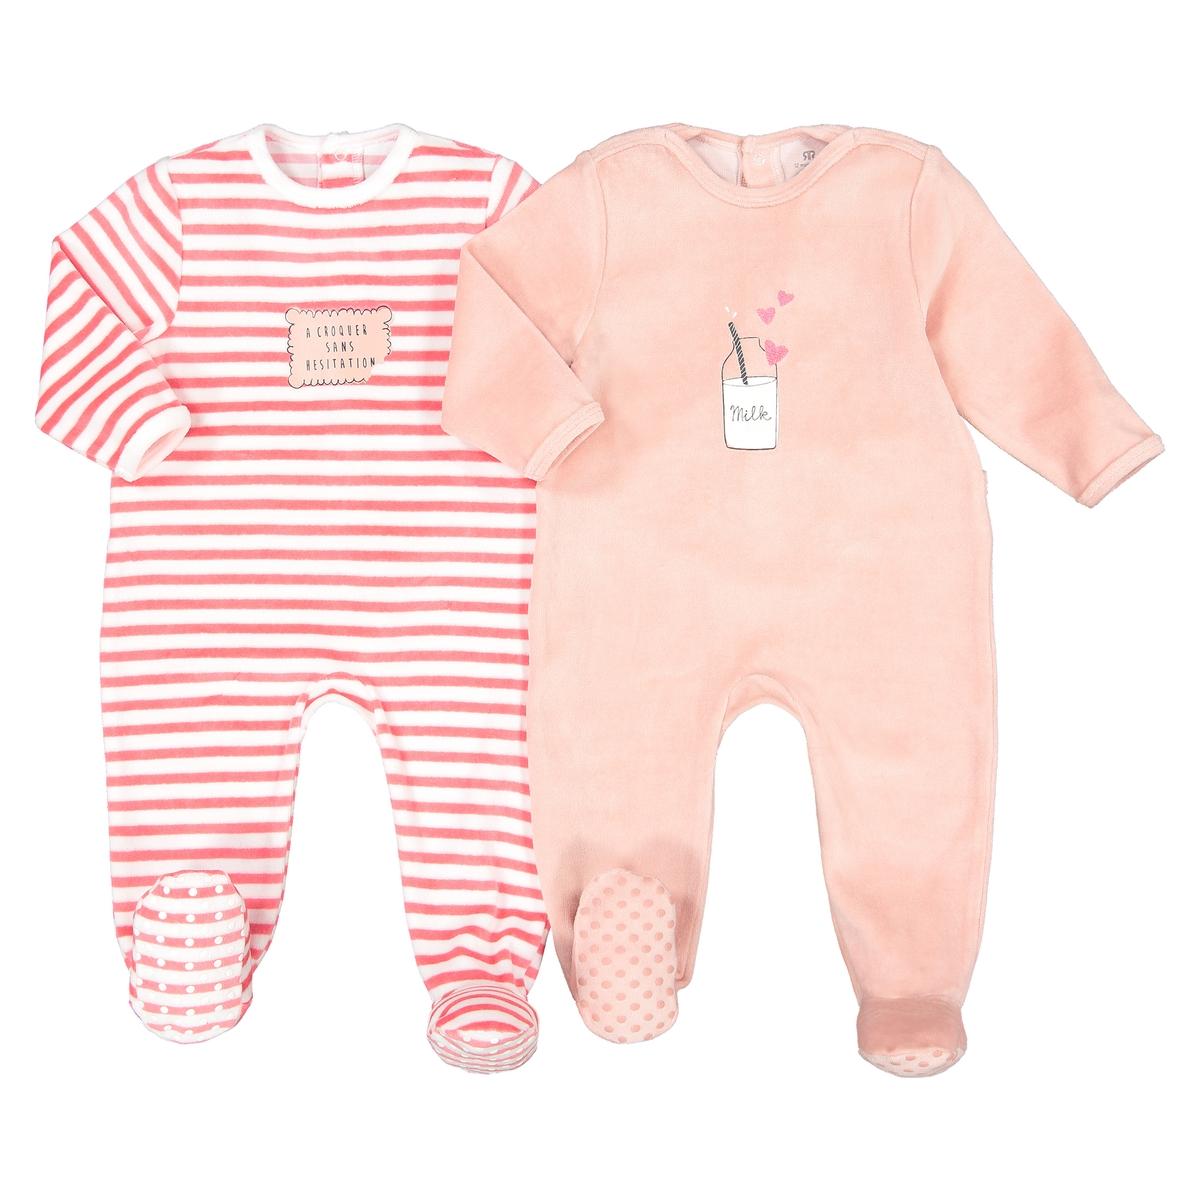 Пижамы La Redoute Из велюра мес - года 3 года - 94 см розовый платье la redoute из мольтона в полоску и тюля мес года 3 года 94 см розовый